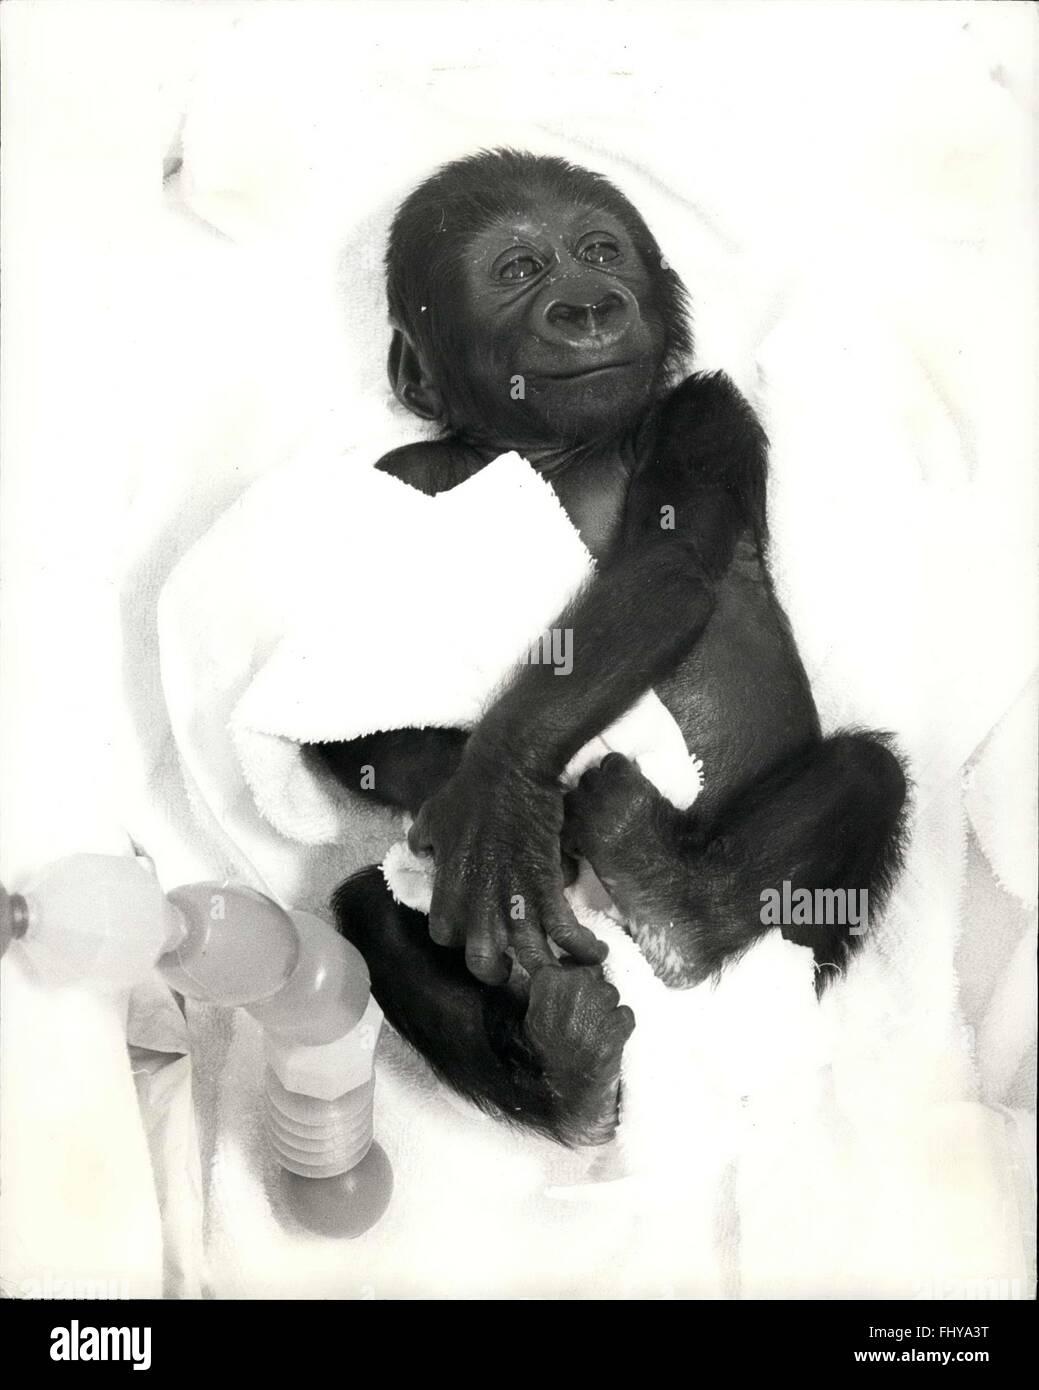 Gemütlich Gorilla Muskelanatomie Ideen - Anatomie Ideen - finotti.info